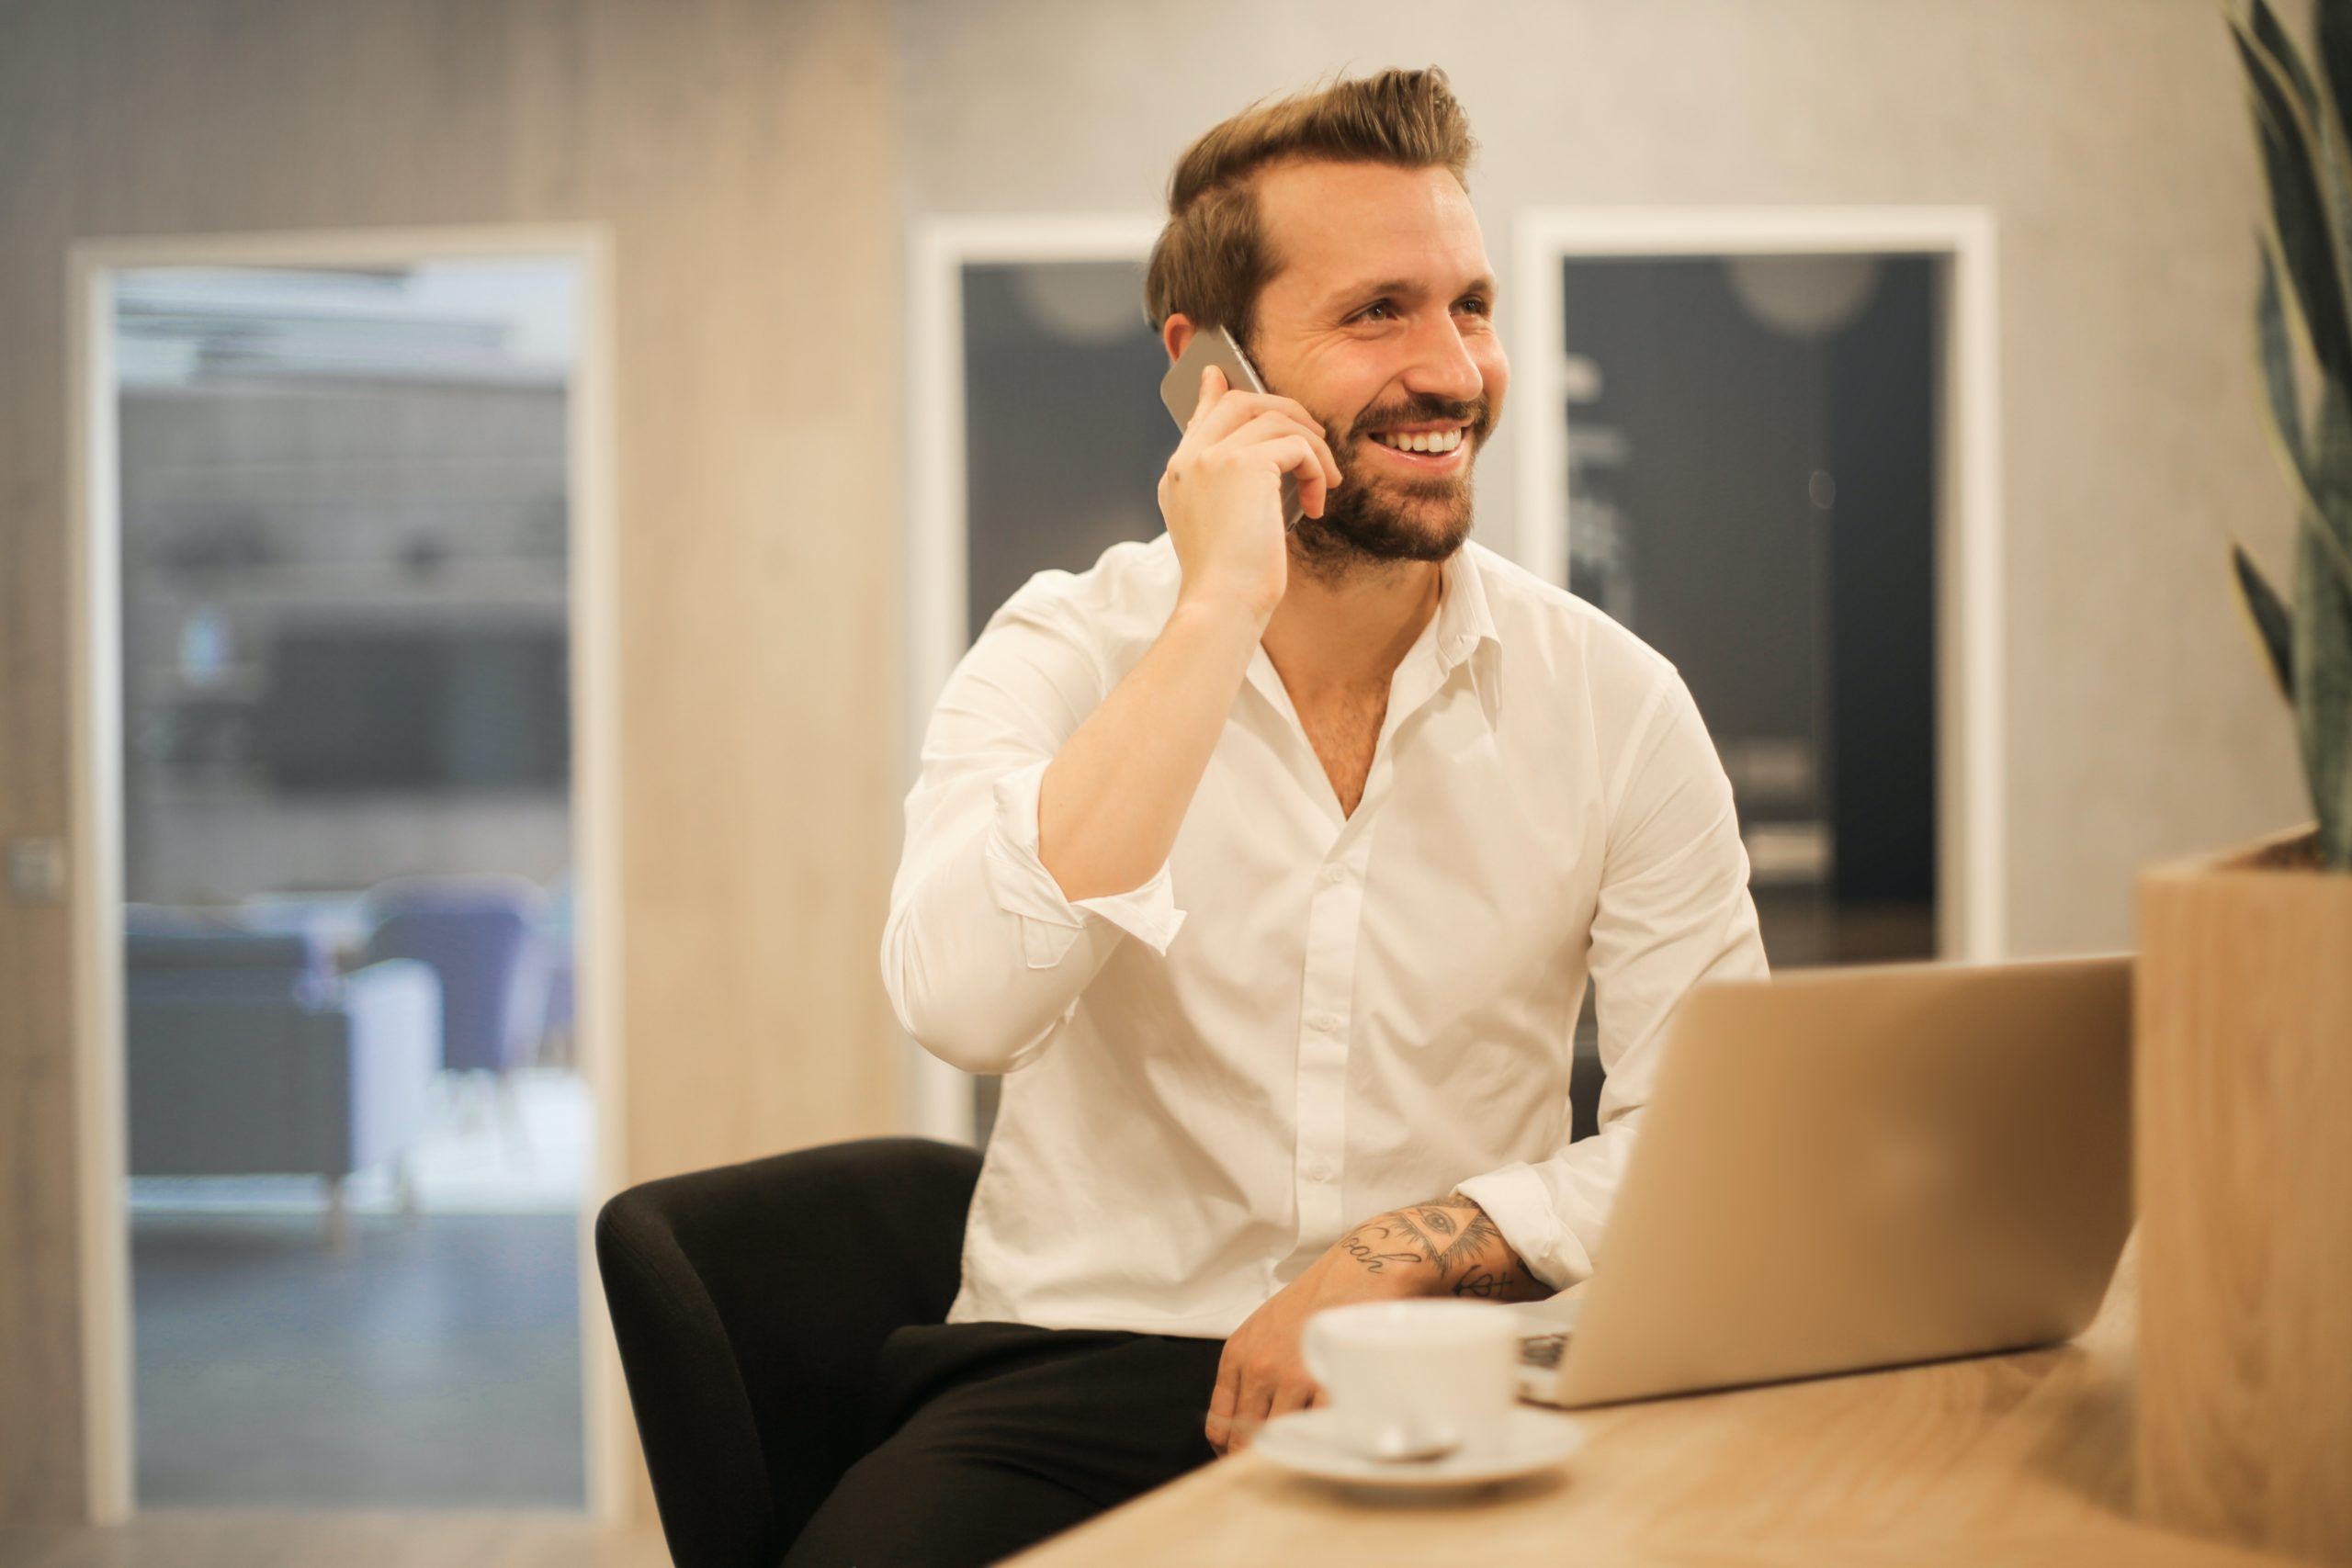 Les secrets pour réussir en tant qu'entrepreneur : le guide ultime pour créer son entreprise!